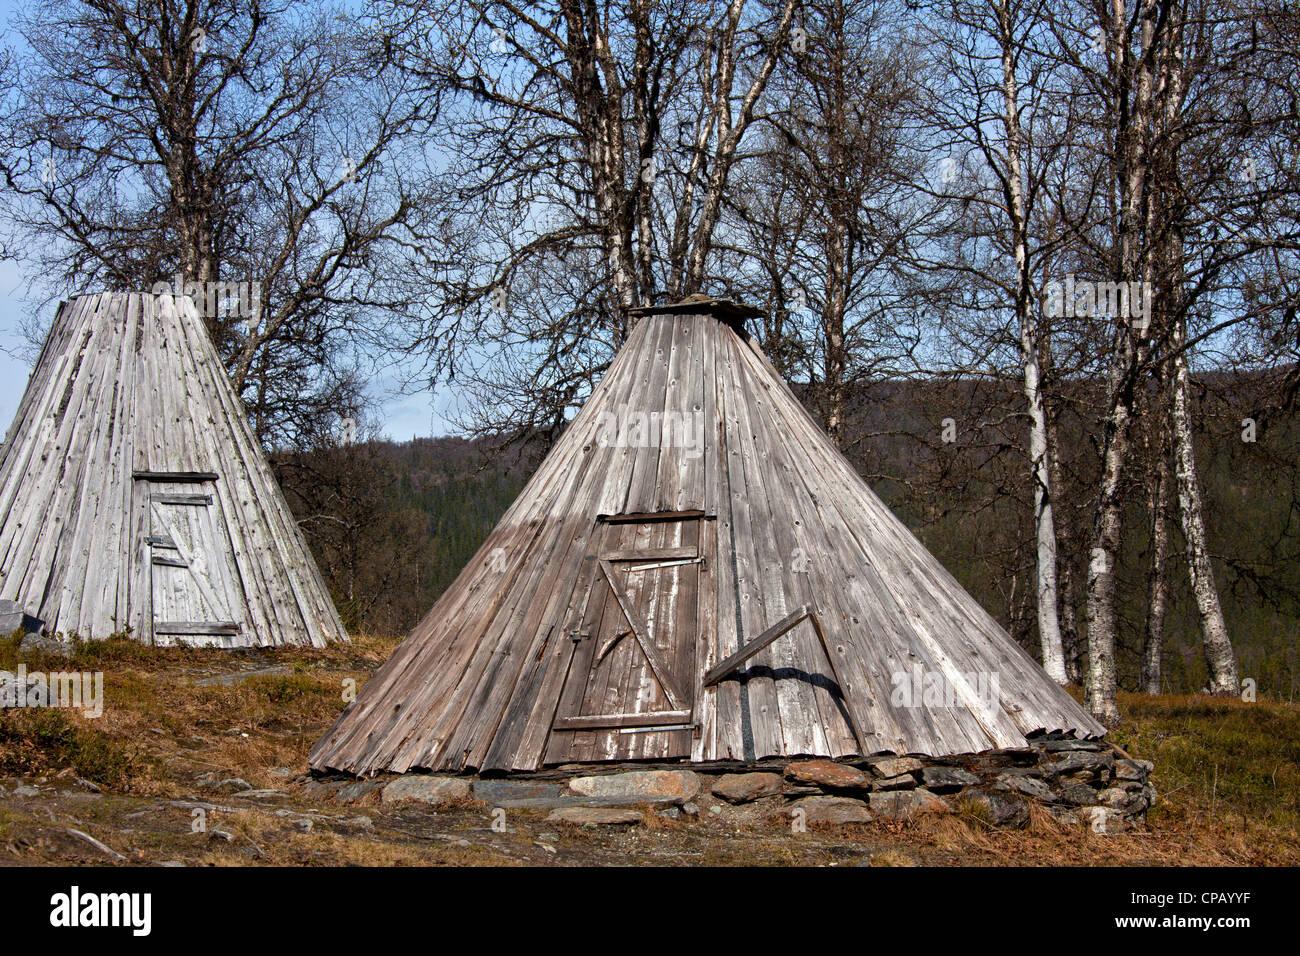 Goahti / kota, Sami traditionnelles cabanes de bois dans la toundra, Laponie, Suède Photo Stock